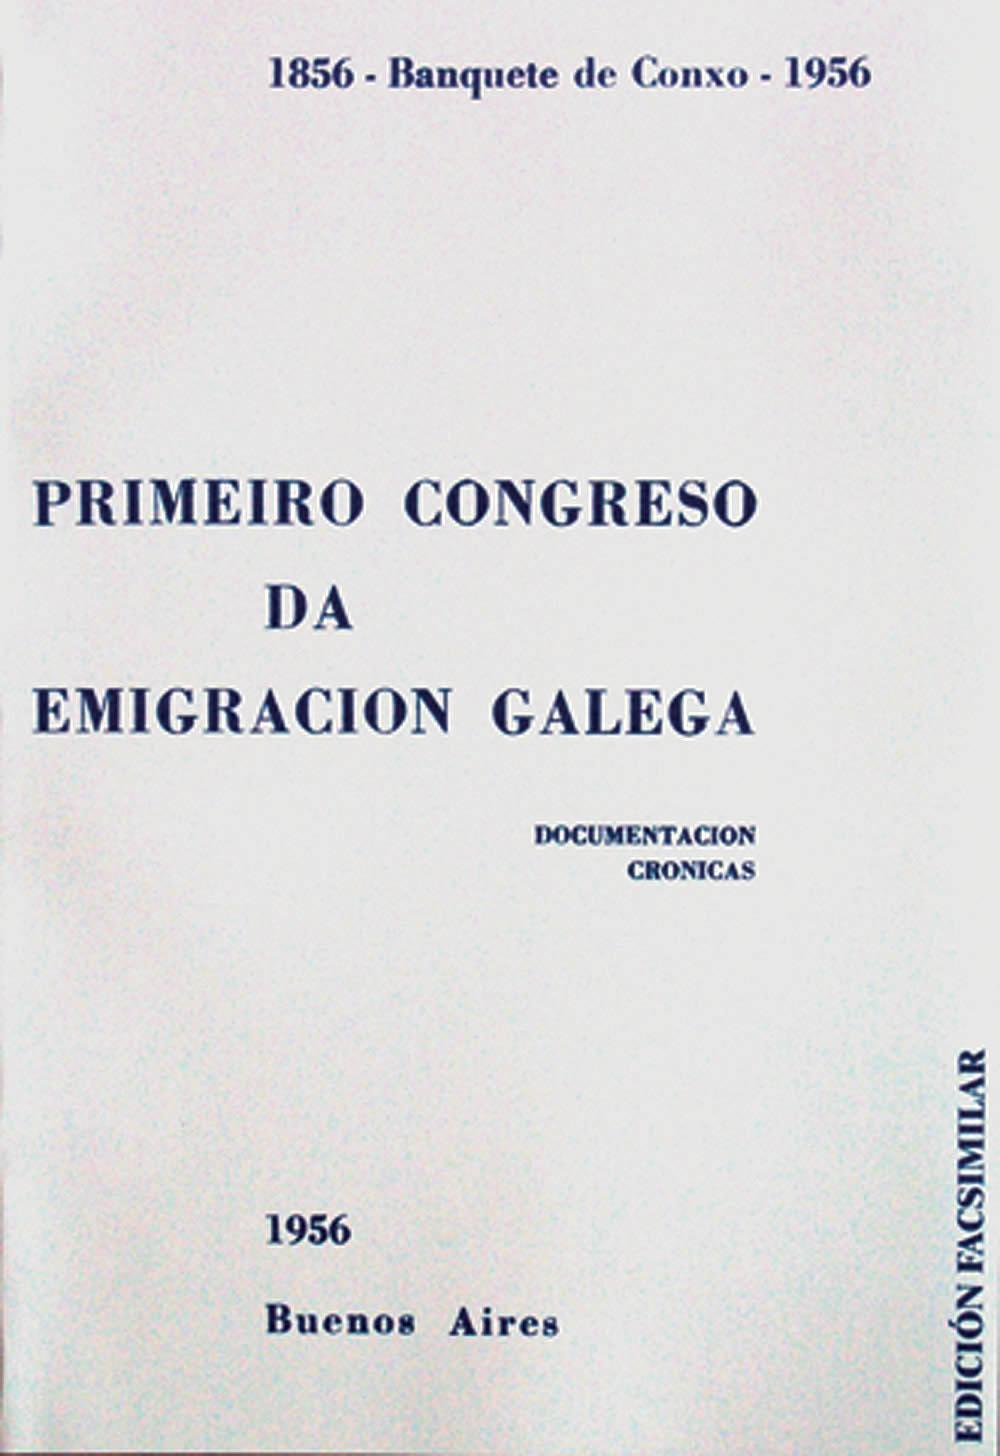 Portada de  Primeiro Congreso da Emigración Galega: feito dende o 24 ao 31 de xulio en Bos Aires